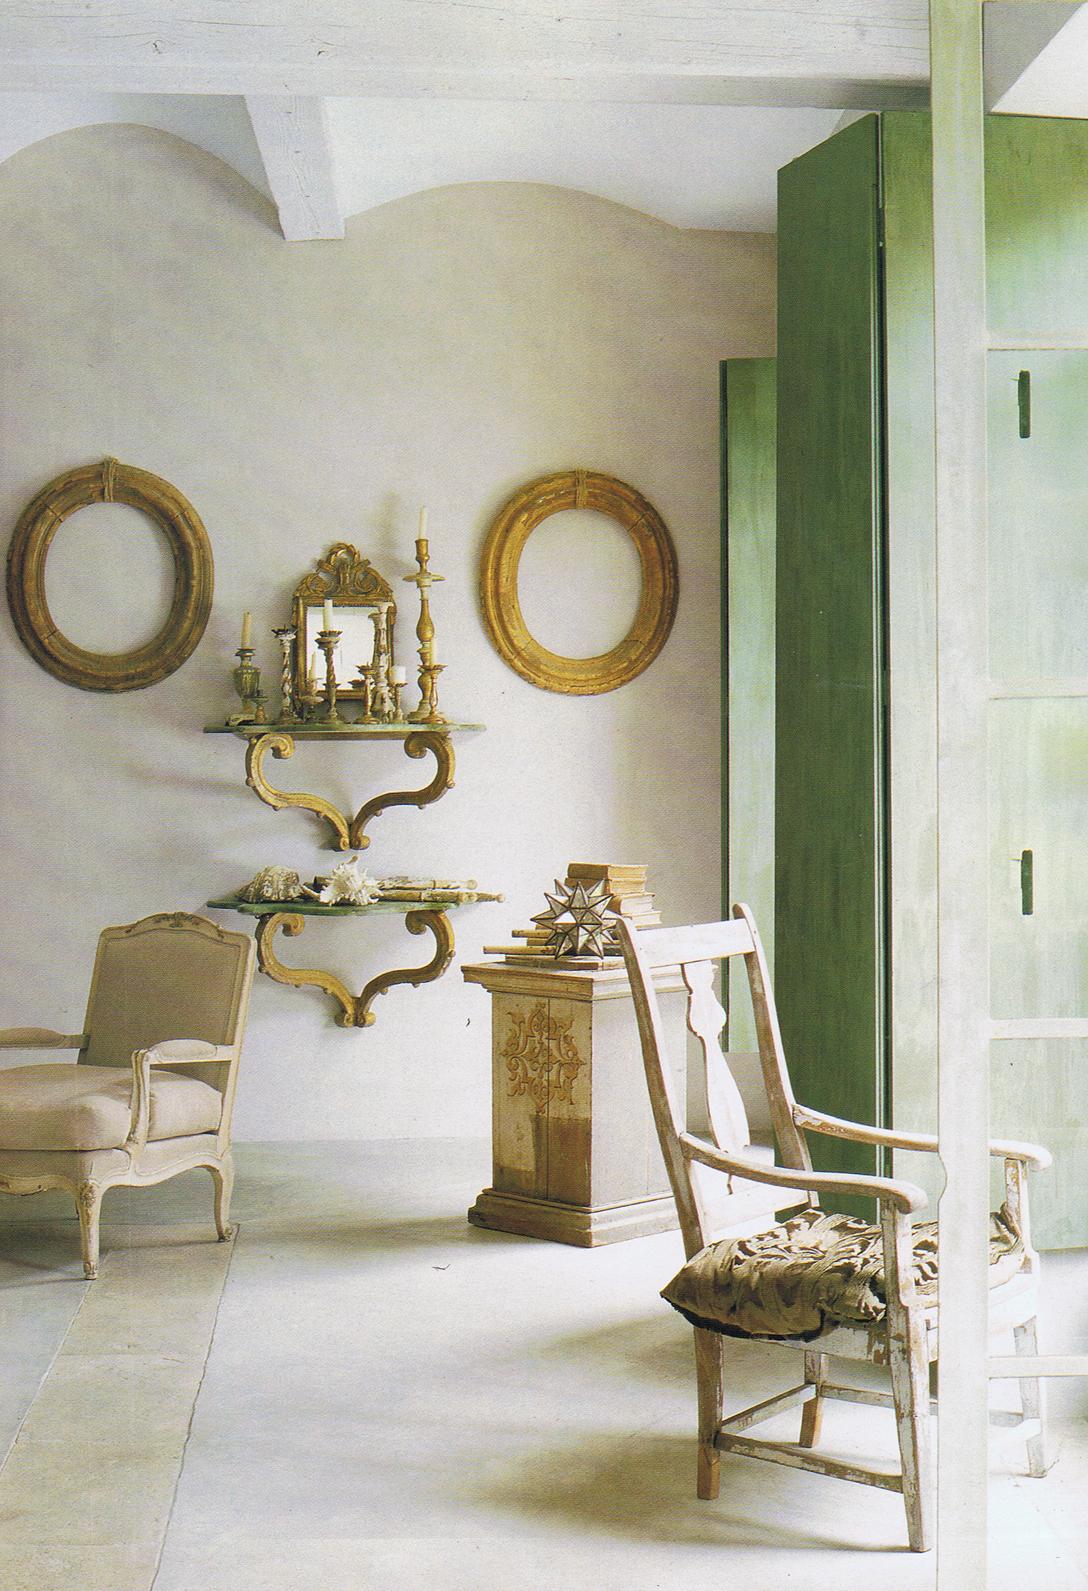 Стиль Прованс в интерьере: деревянная мебель